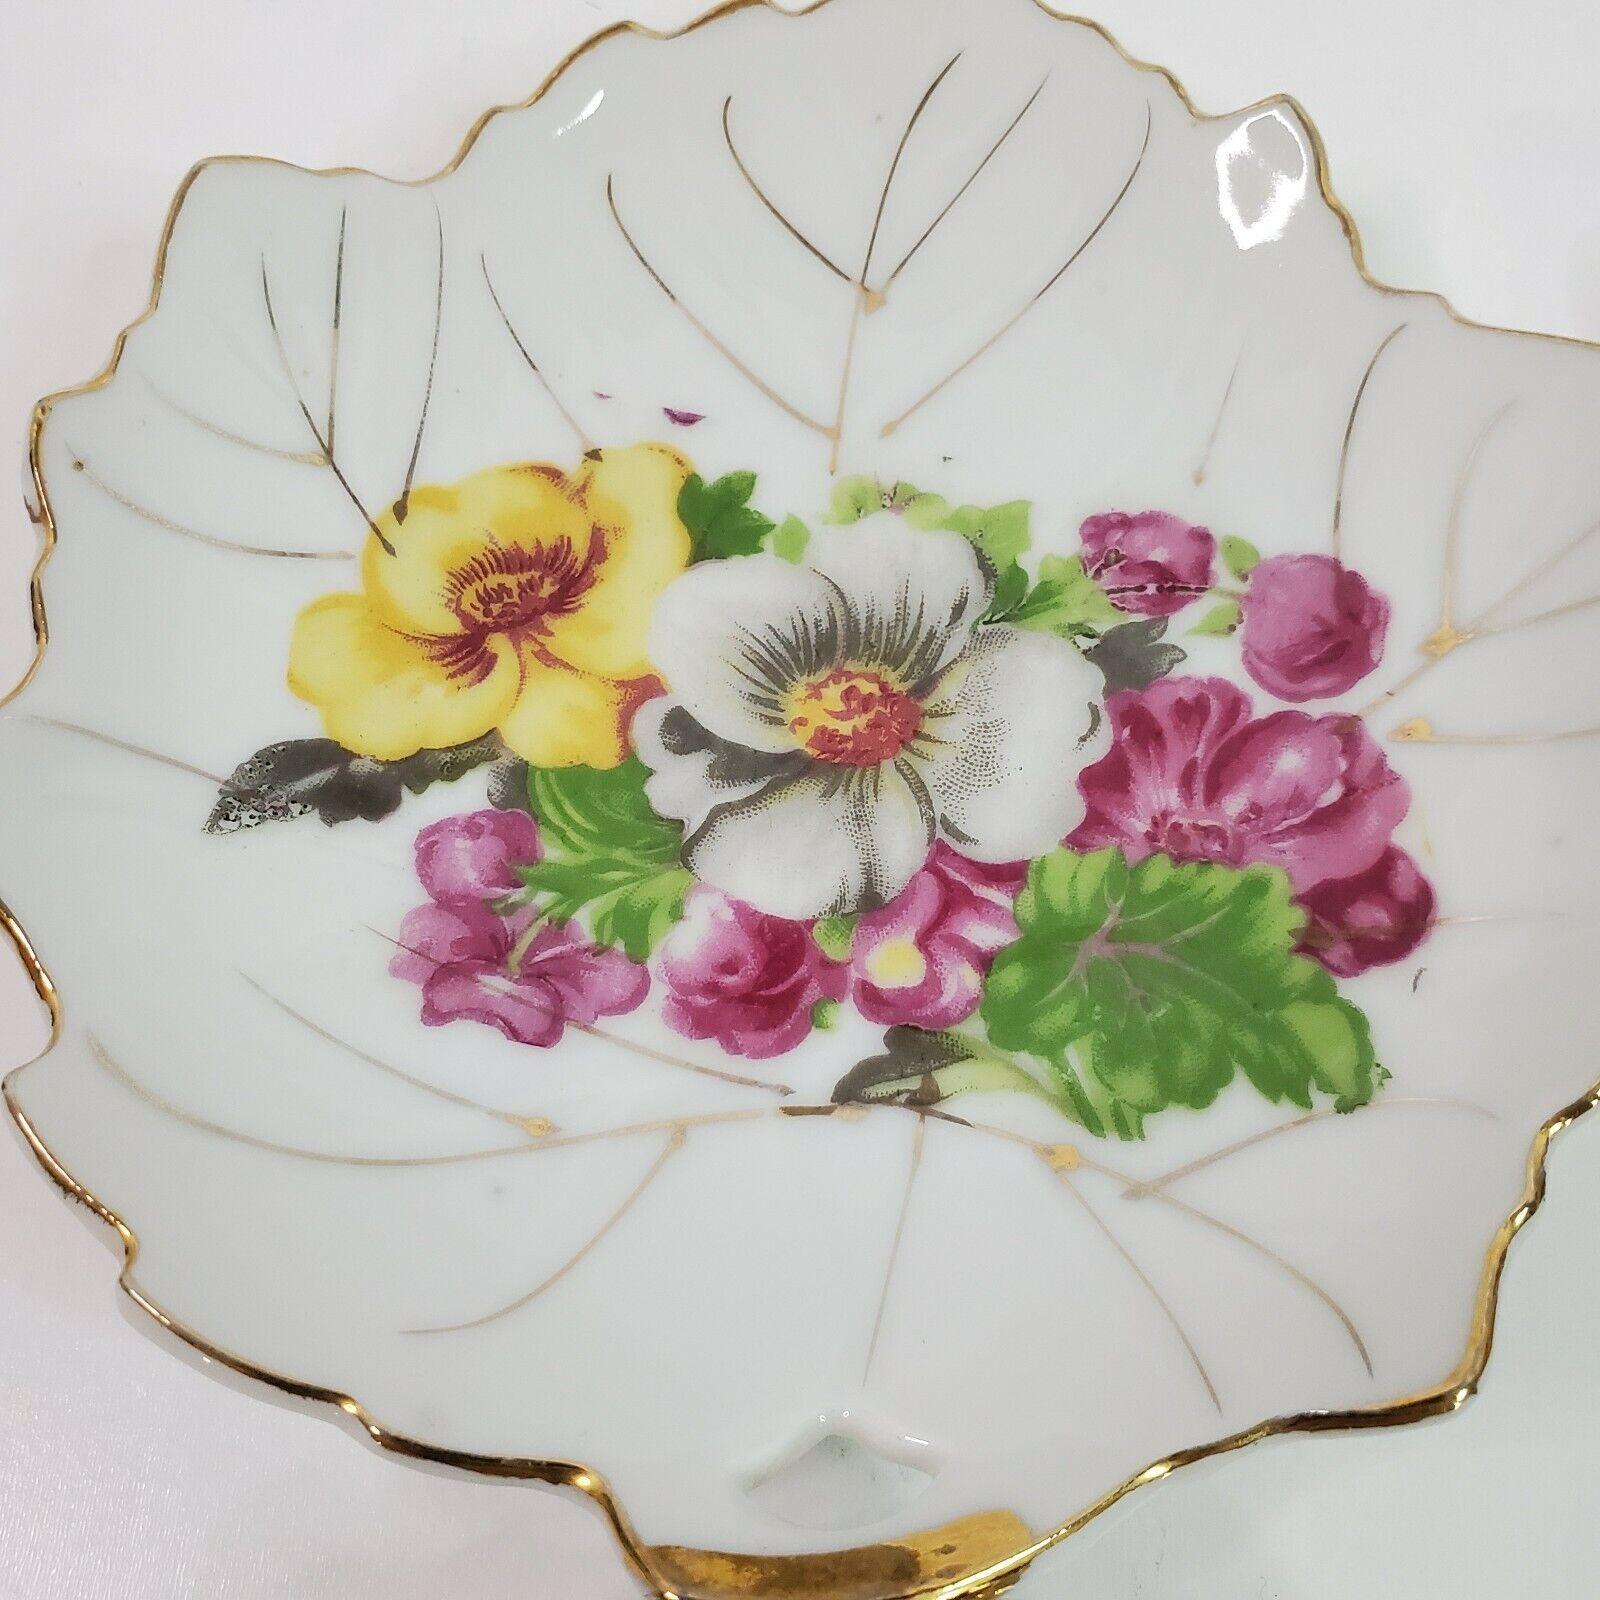 Vintage Leaf Shaped Japan Trinket Dish Hand Painted Gold Trim Transfer Flowers 4 - $24.95